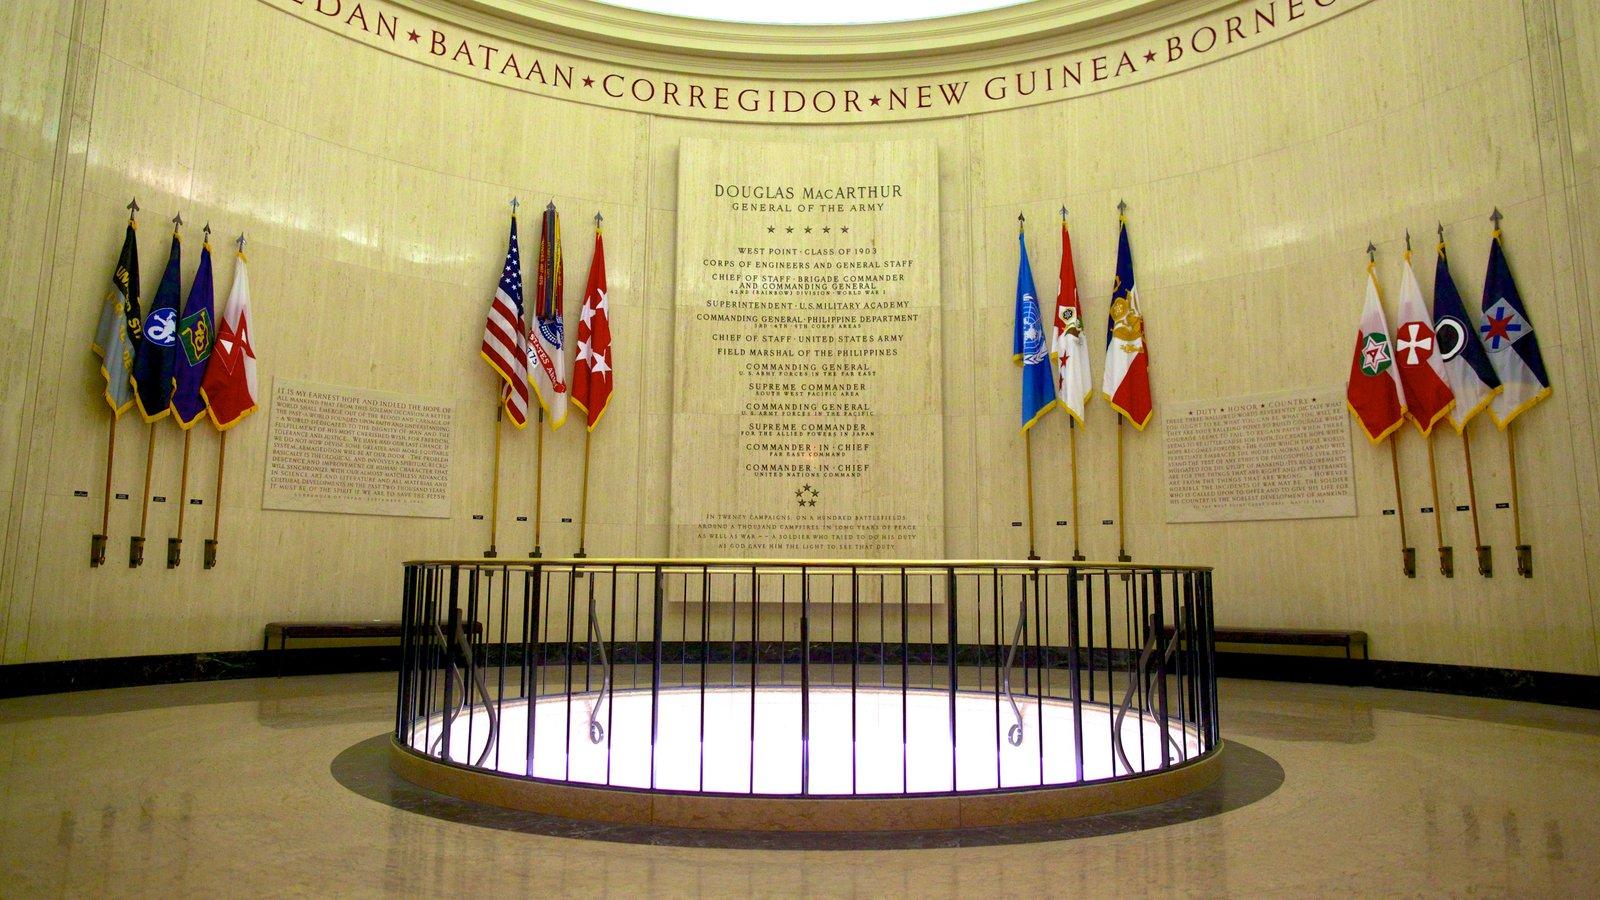 Douglas MacArthur Memorial que inclui vistas internas e um memorial